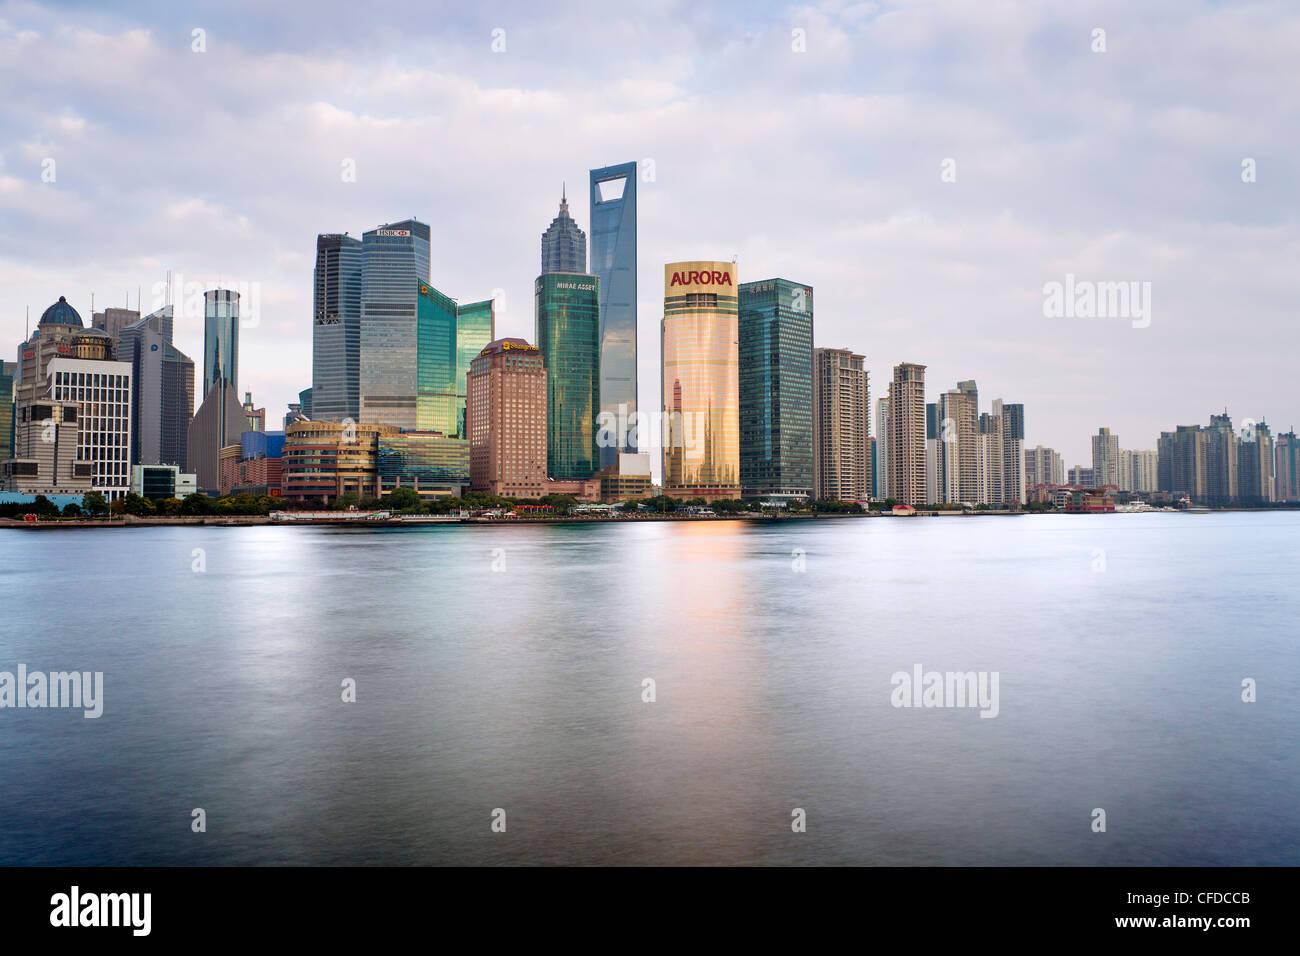 De nouveaux toits de Pudong, à la recherche de l'autre côté de la rivière Huangpu du Bund, Photo Stock